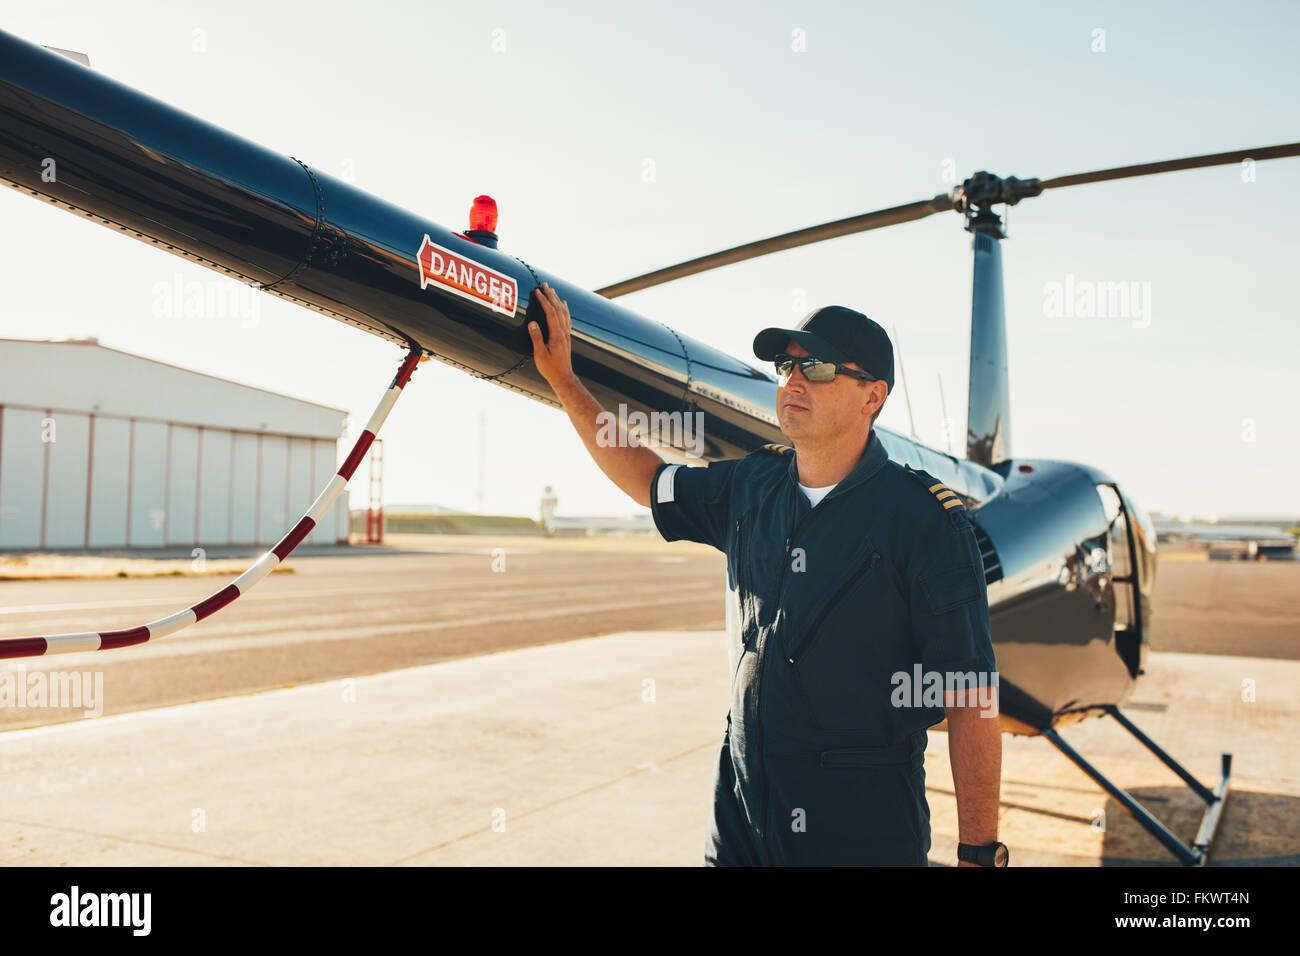 Männliche Piloten stehen am Ende eines Hubschraubers und wegsehen. Mechanische Kontrolle durchführenden Stockbild